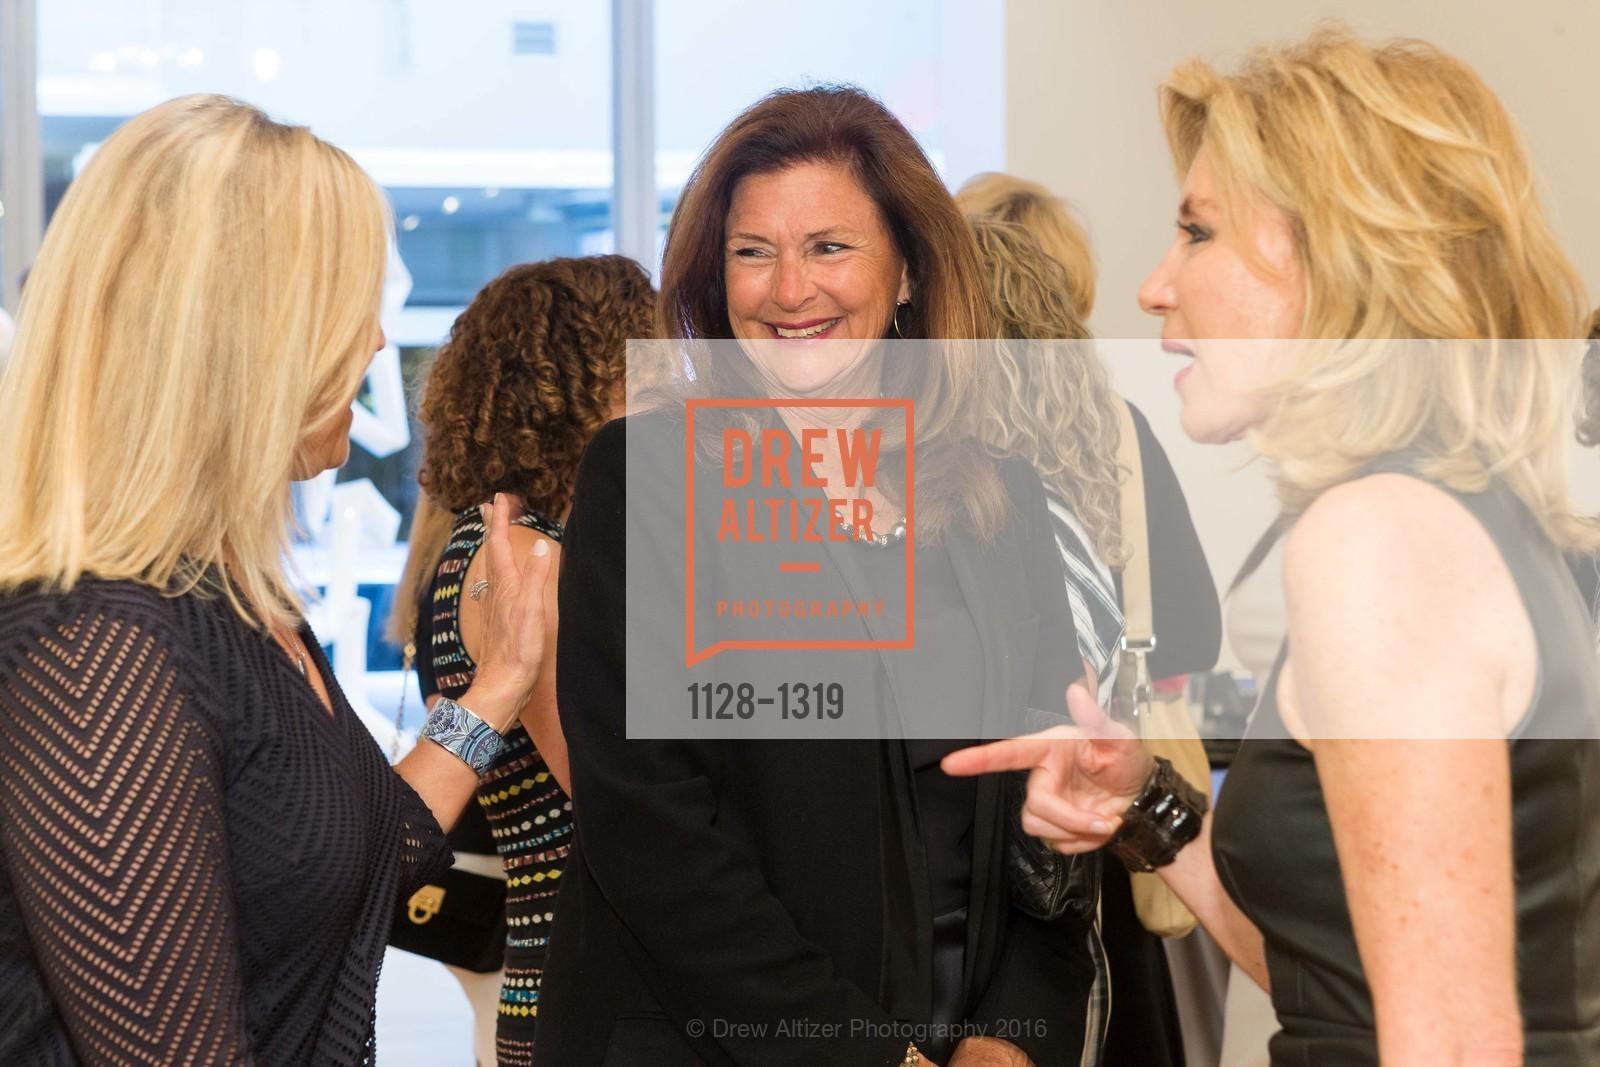 Jane Inch, Linda Zider, Mary Poland, Photo #1128-1319